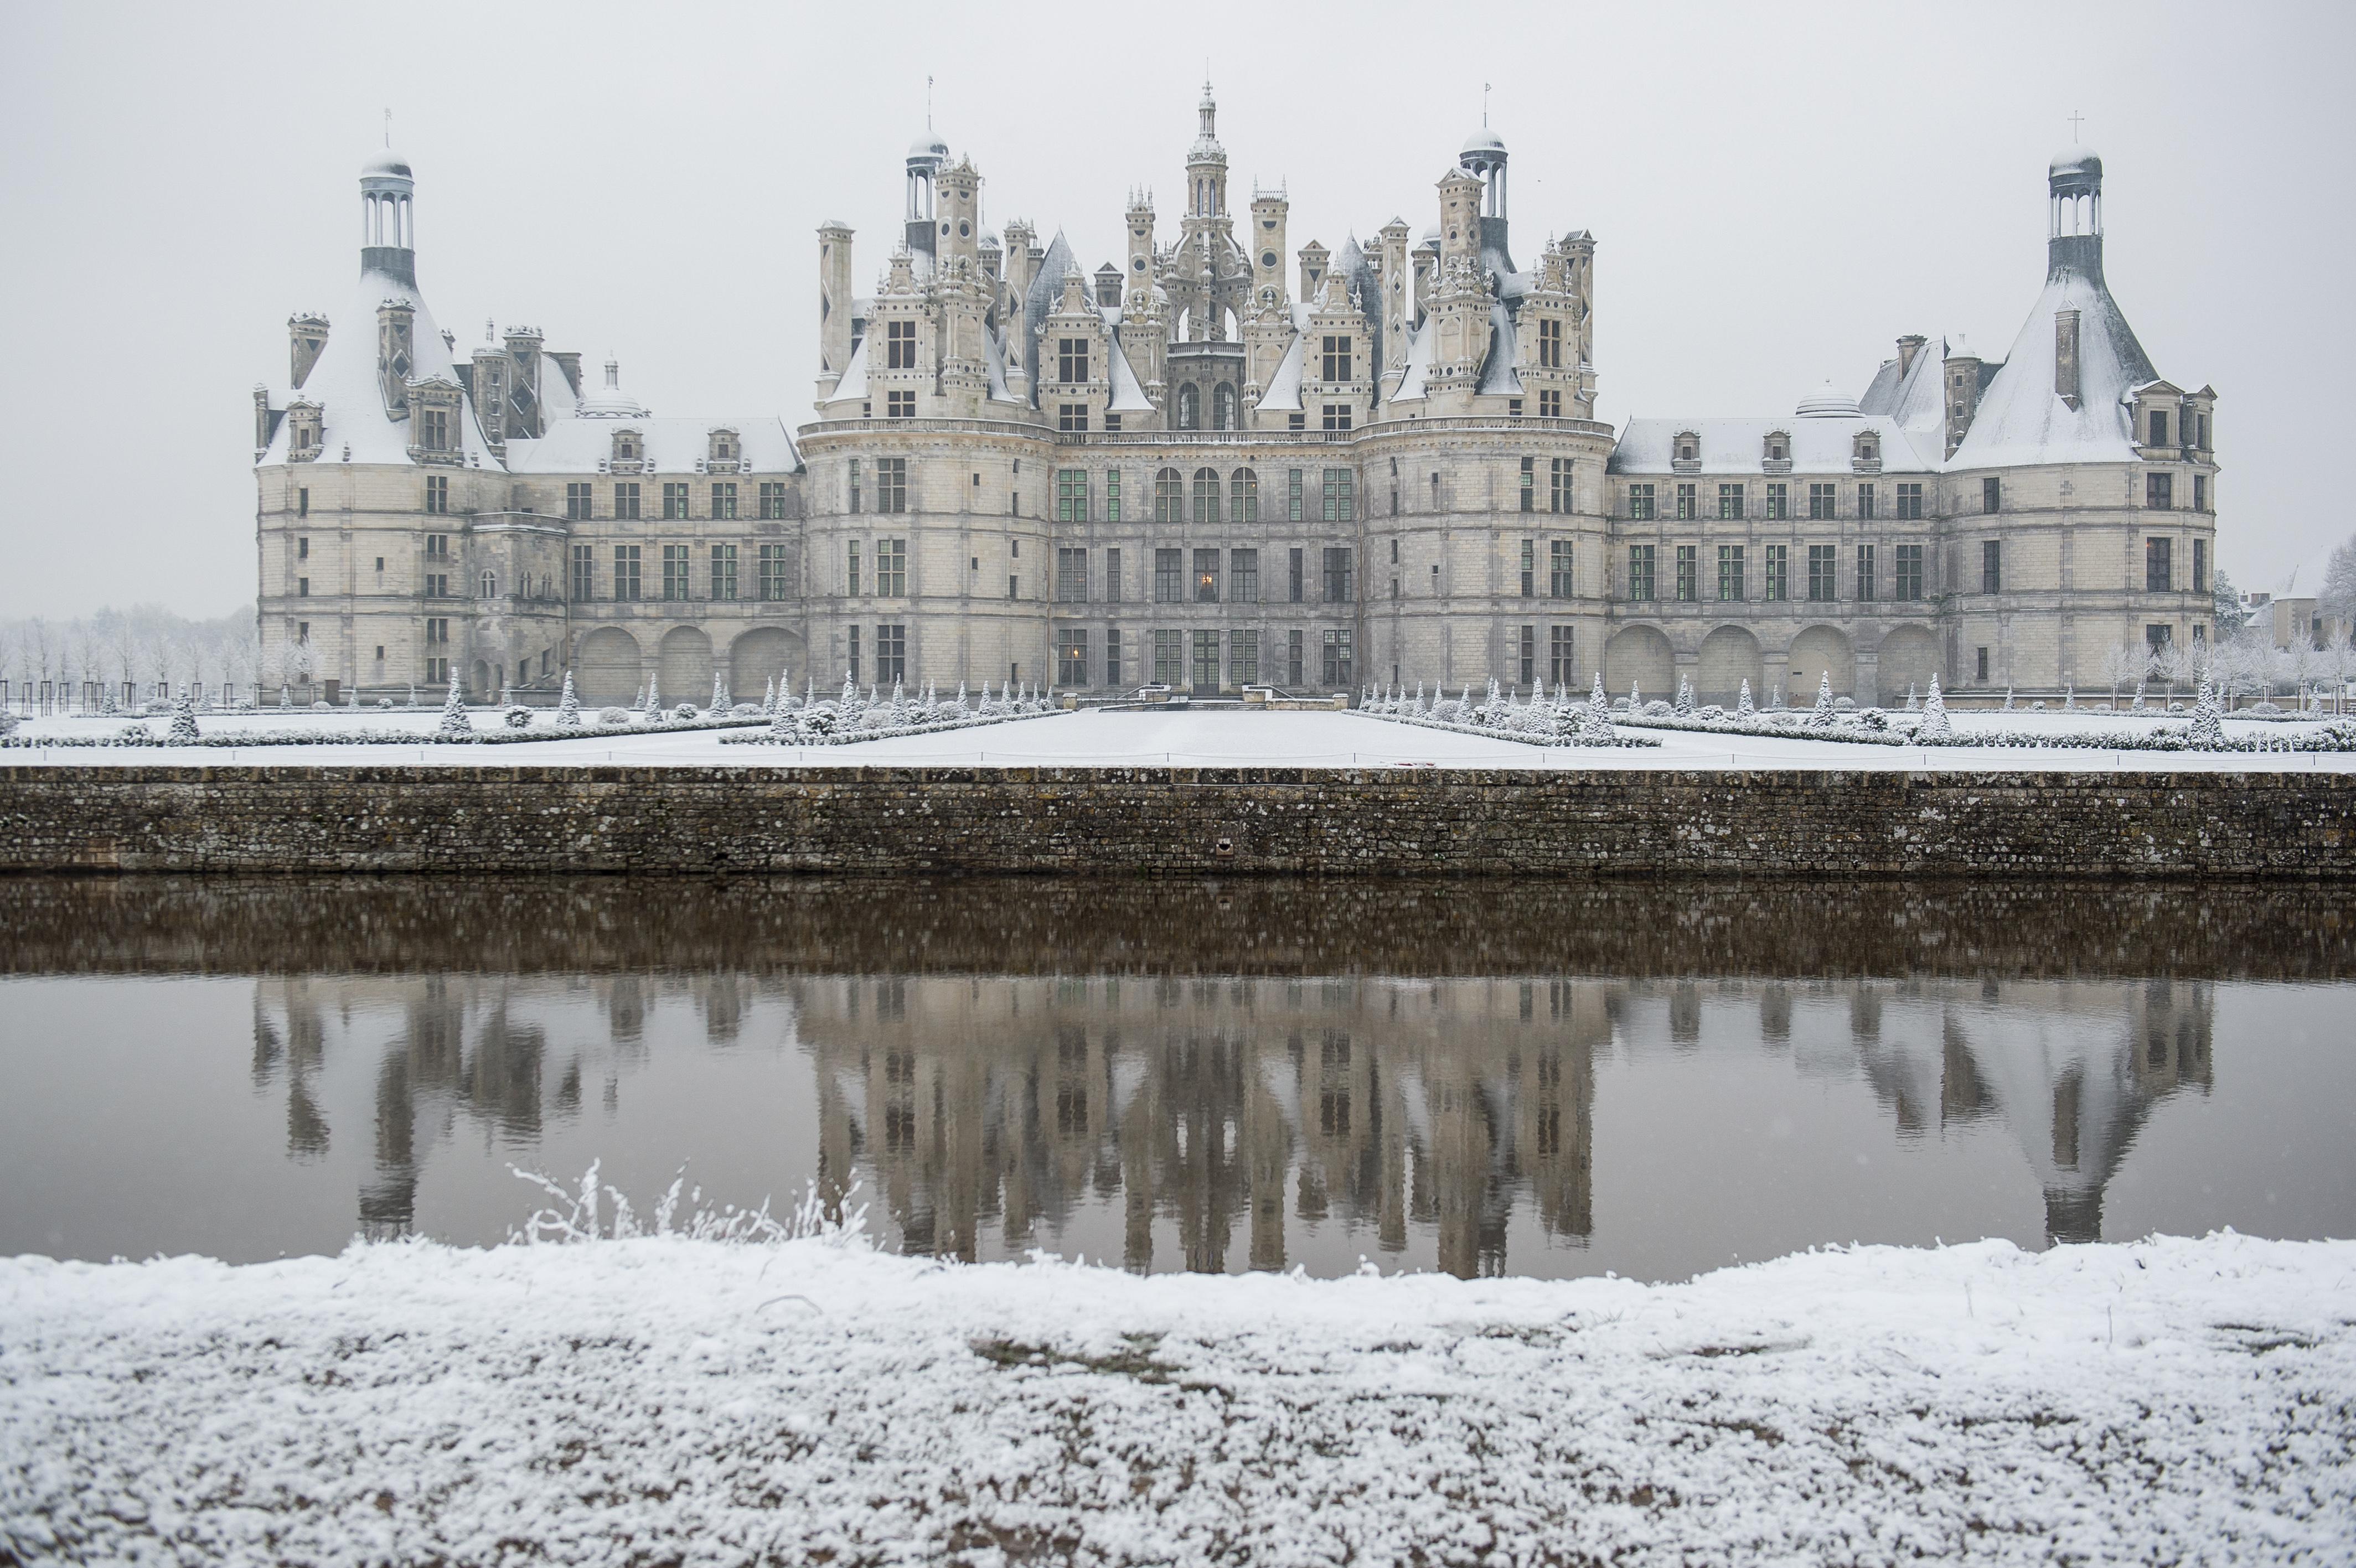 Des touristes provoquent un début d'incendie, le château évacué — Chambord